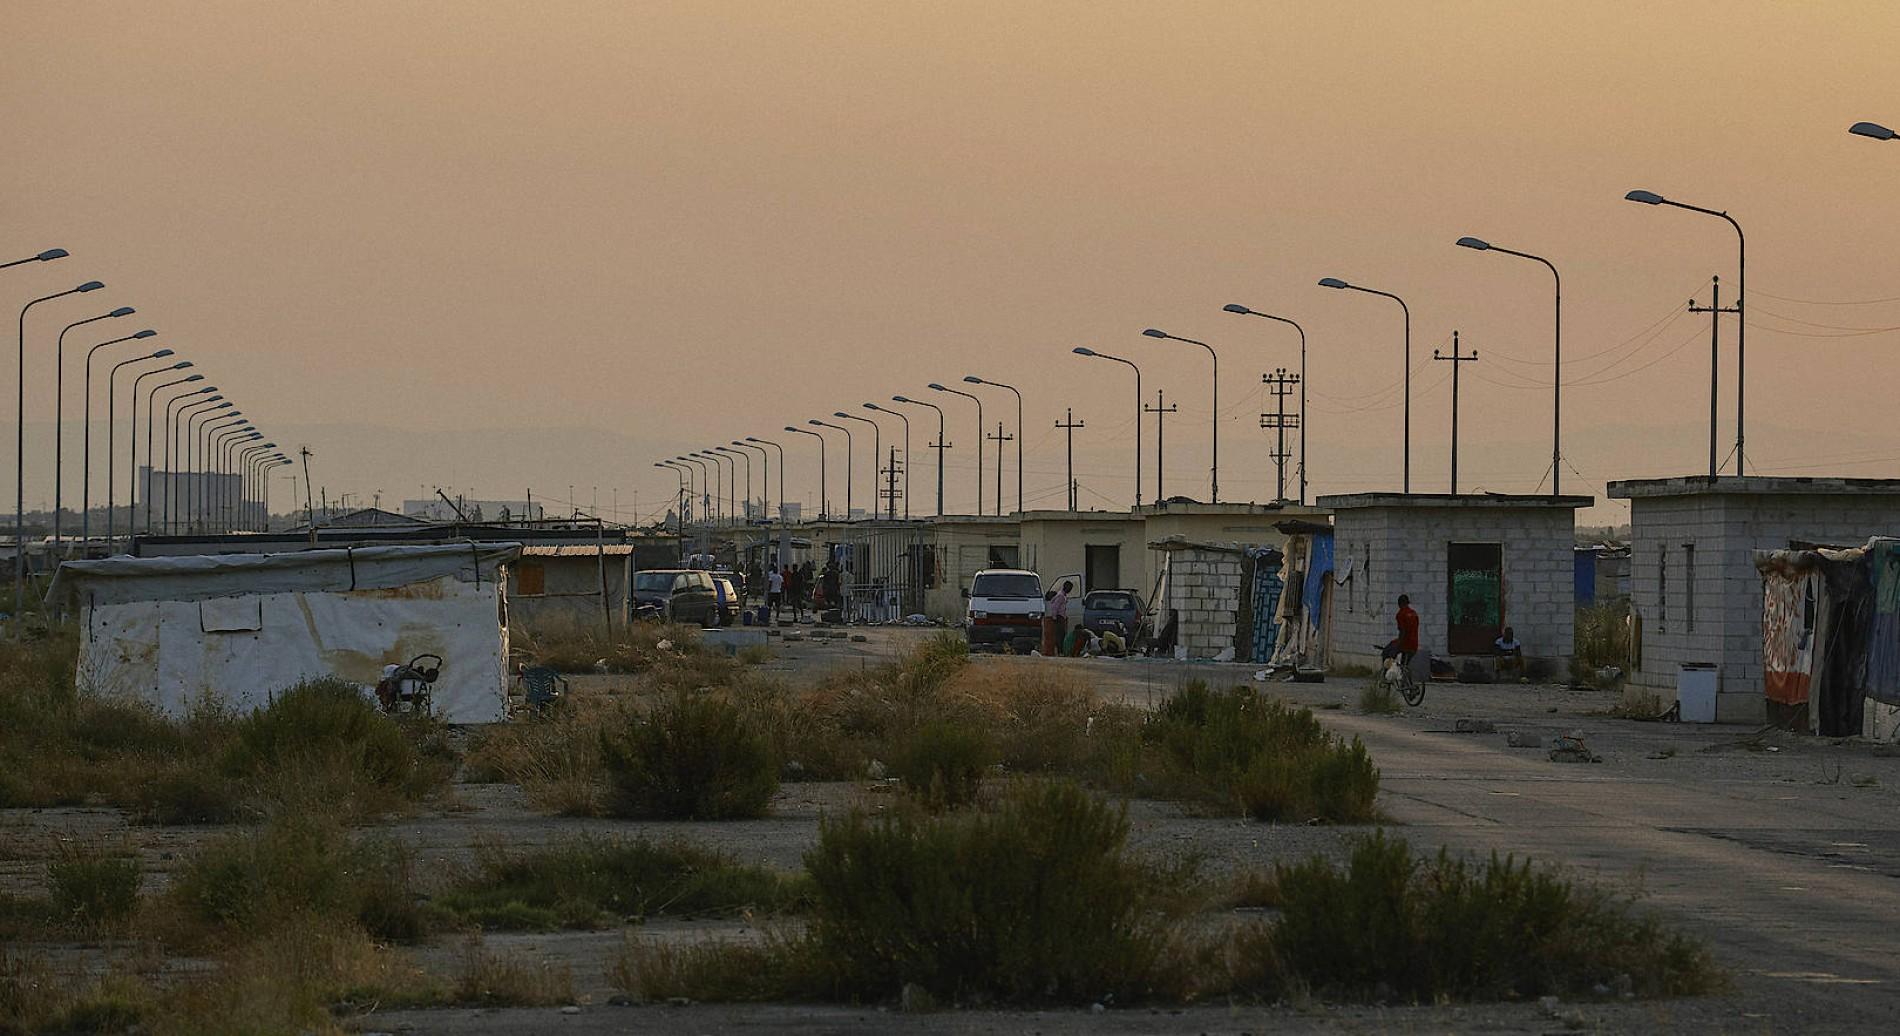 Siemens Kühlschrank Pfeifendes Geräusch : Wie flüchtlinge in italiens größtem slum leben